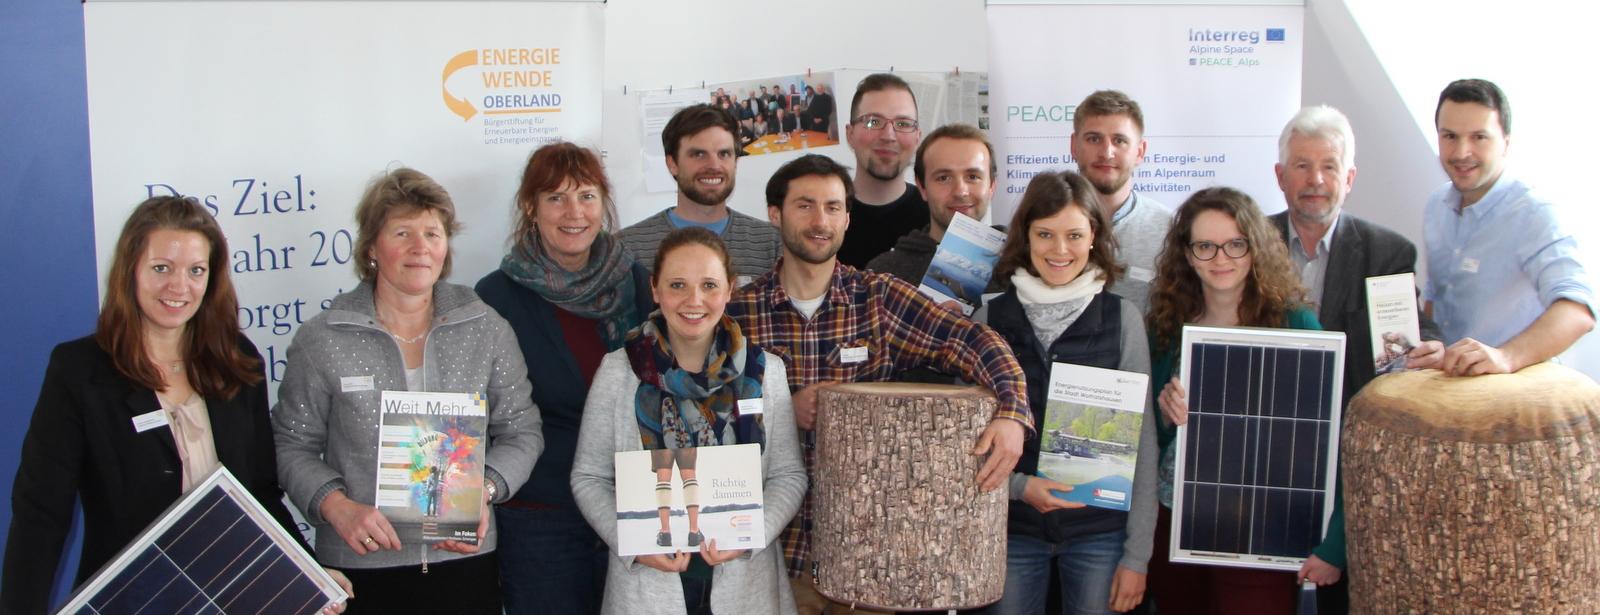 Gemeinsam für mehr Klimaschutz im Oberland